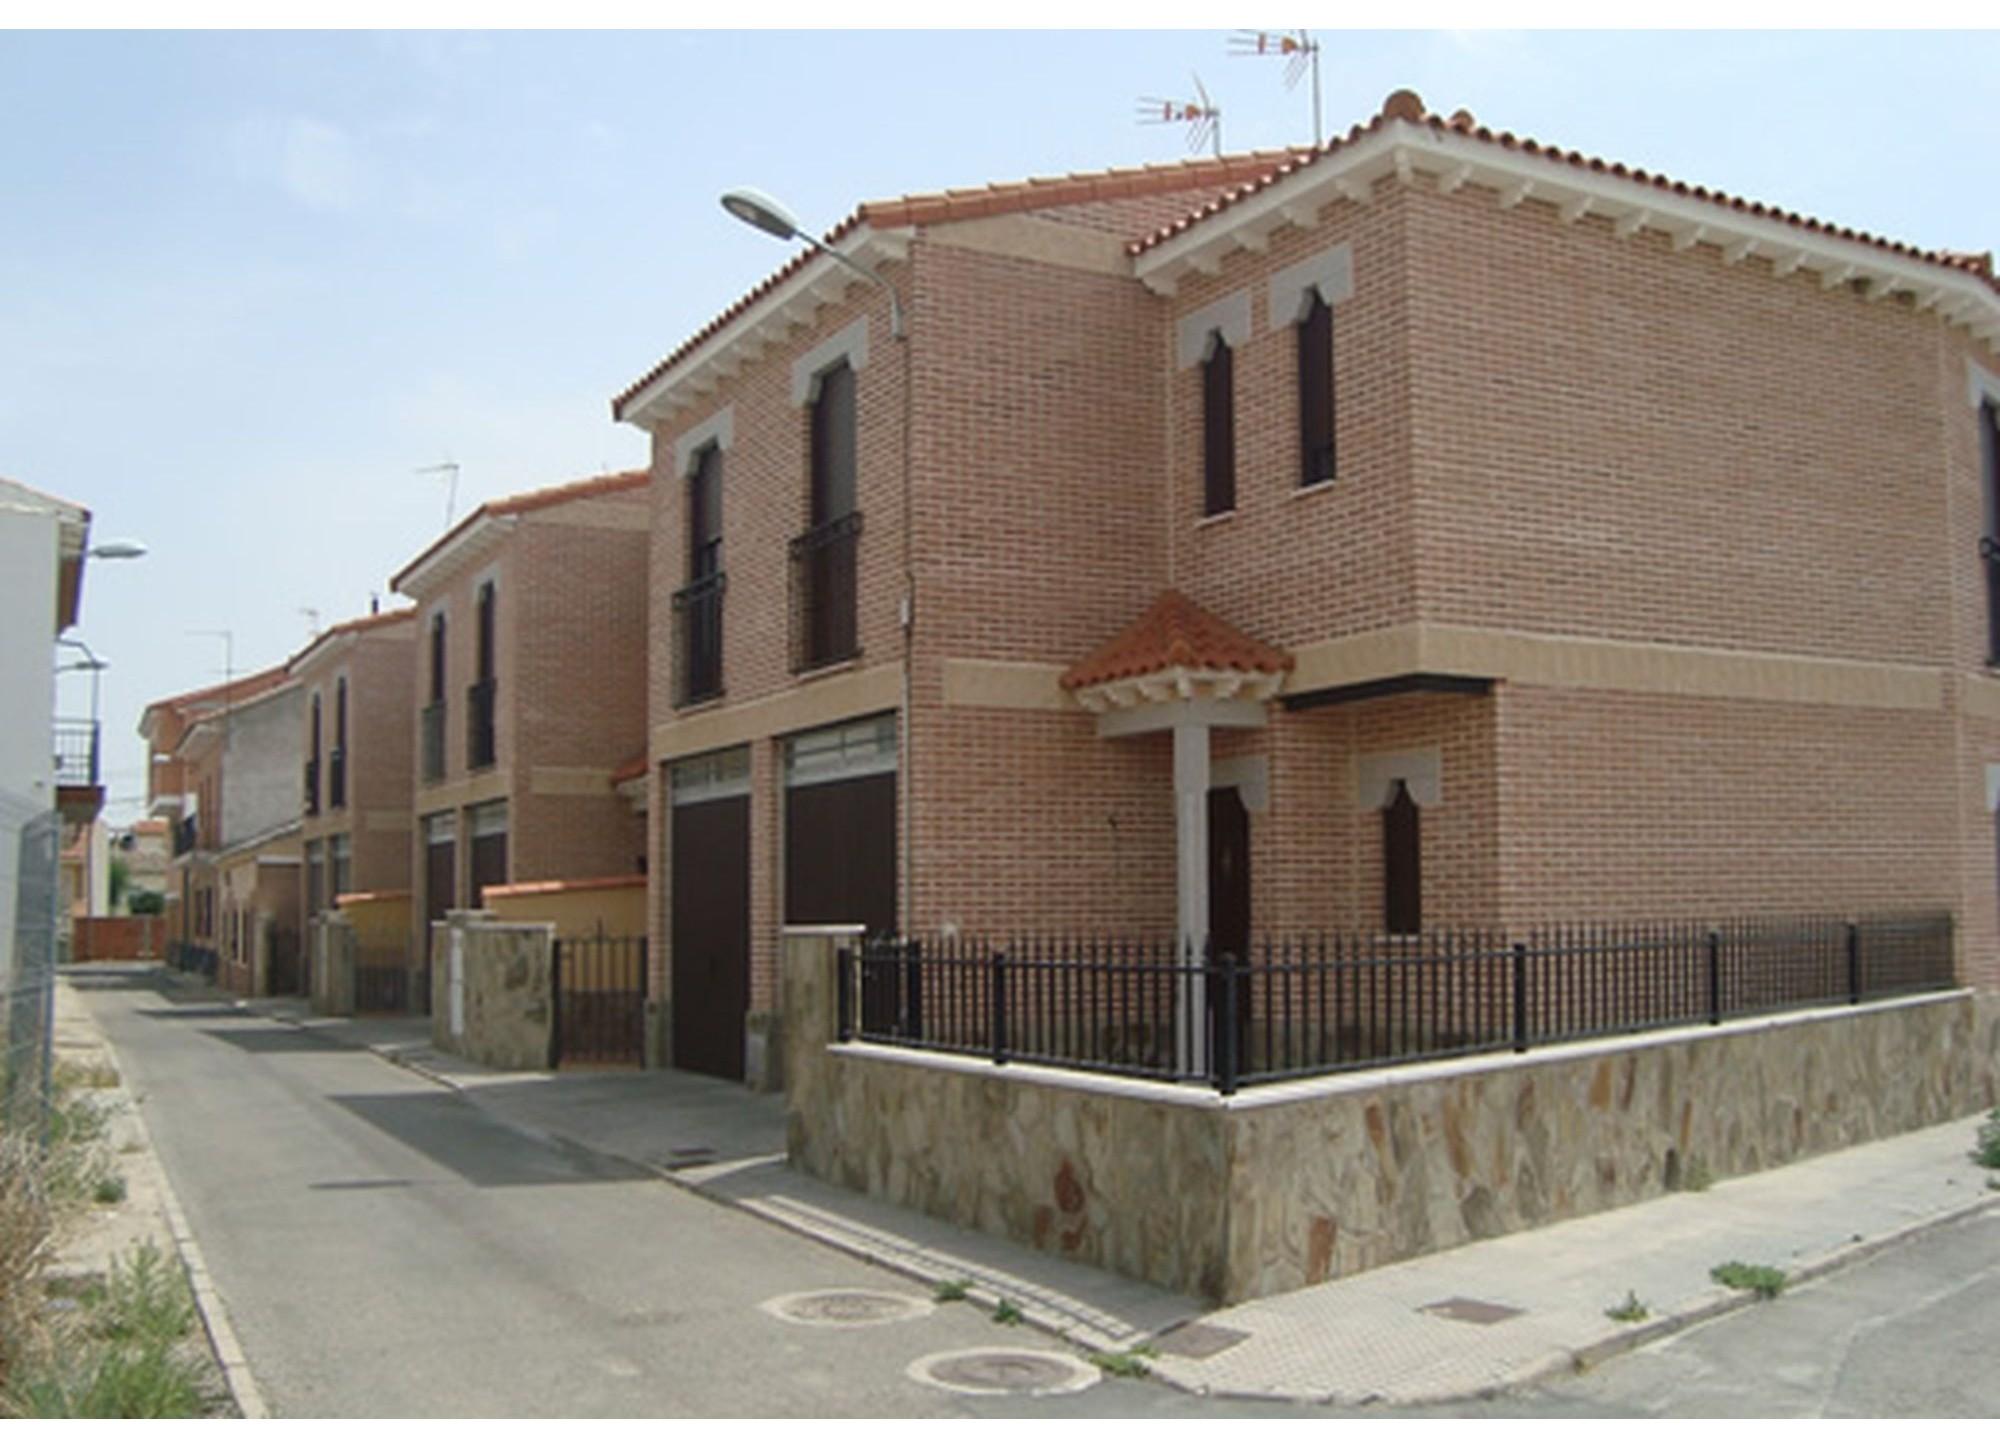 Calle Magallanes, Chalets calle Magallanes (Toledo)